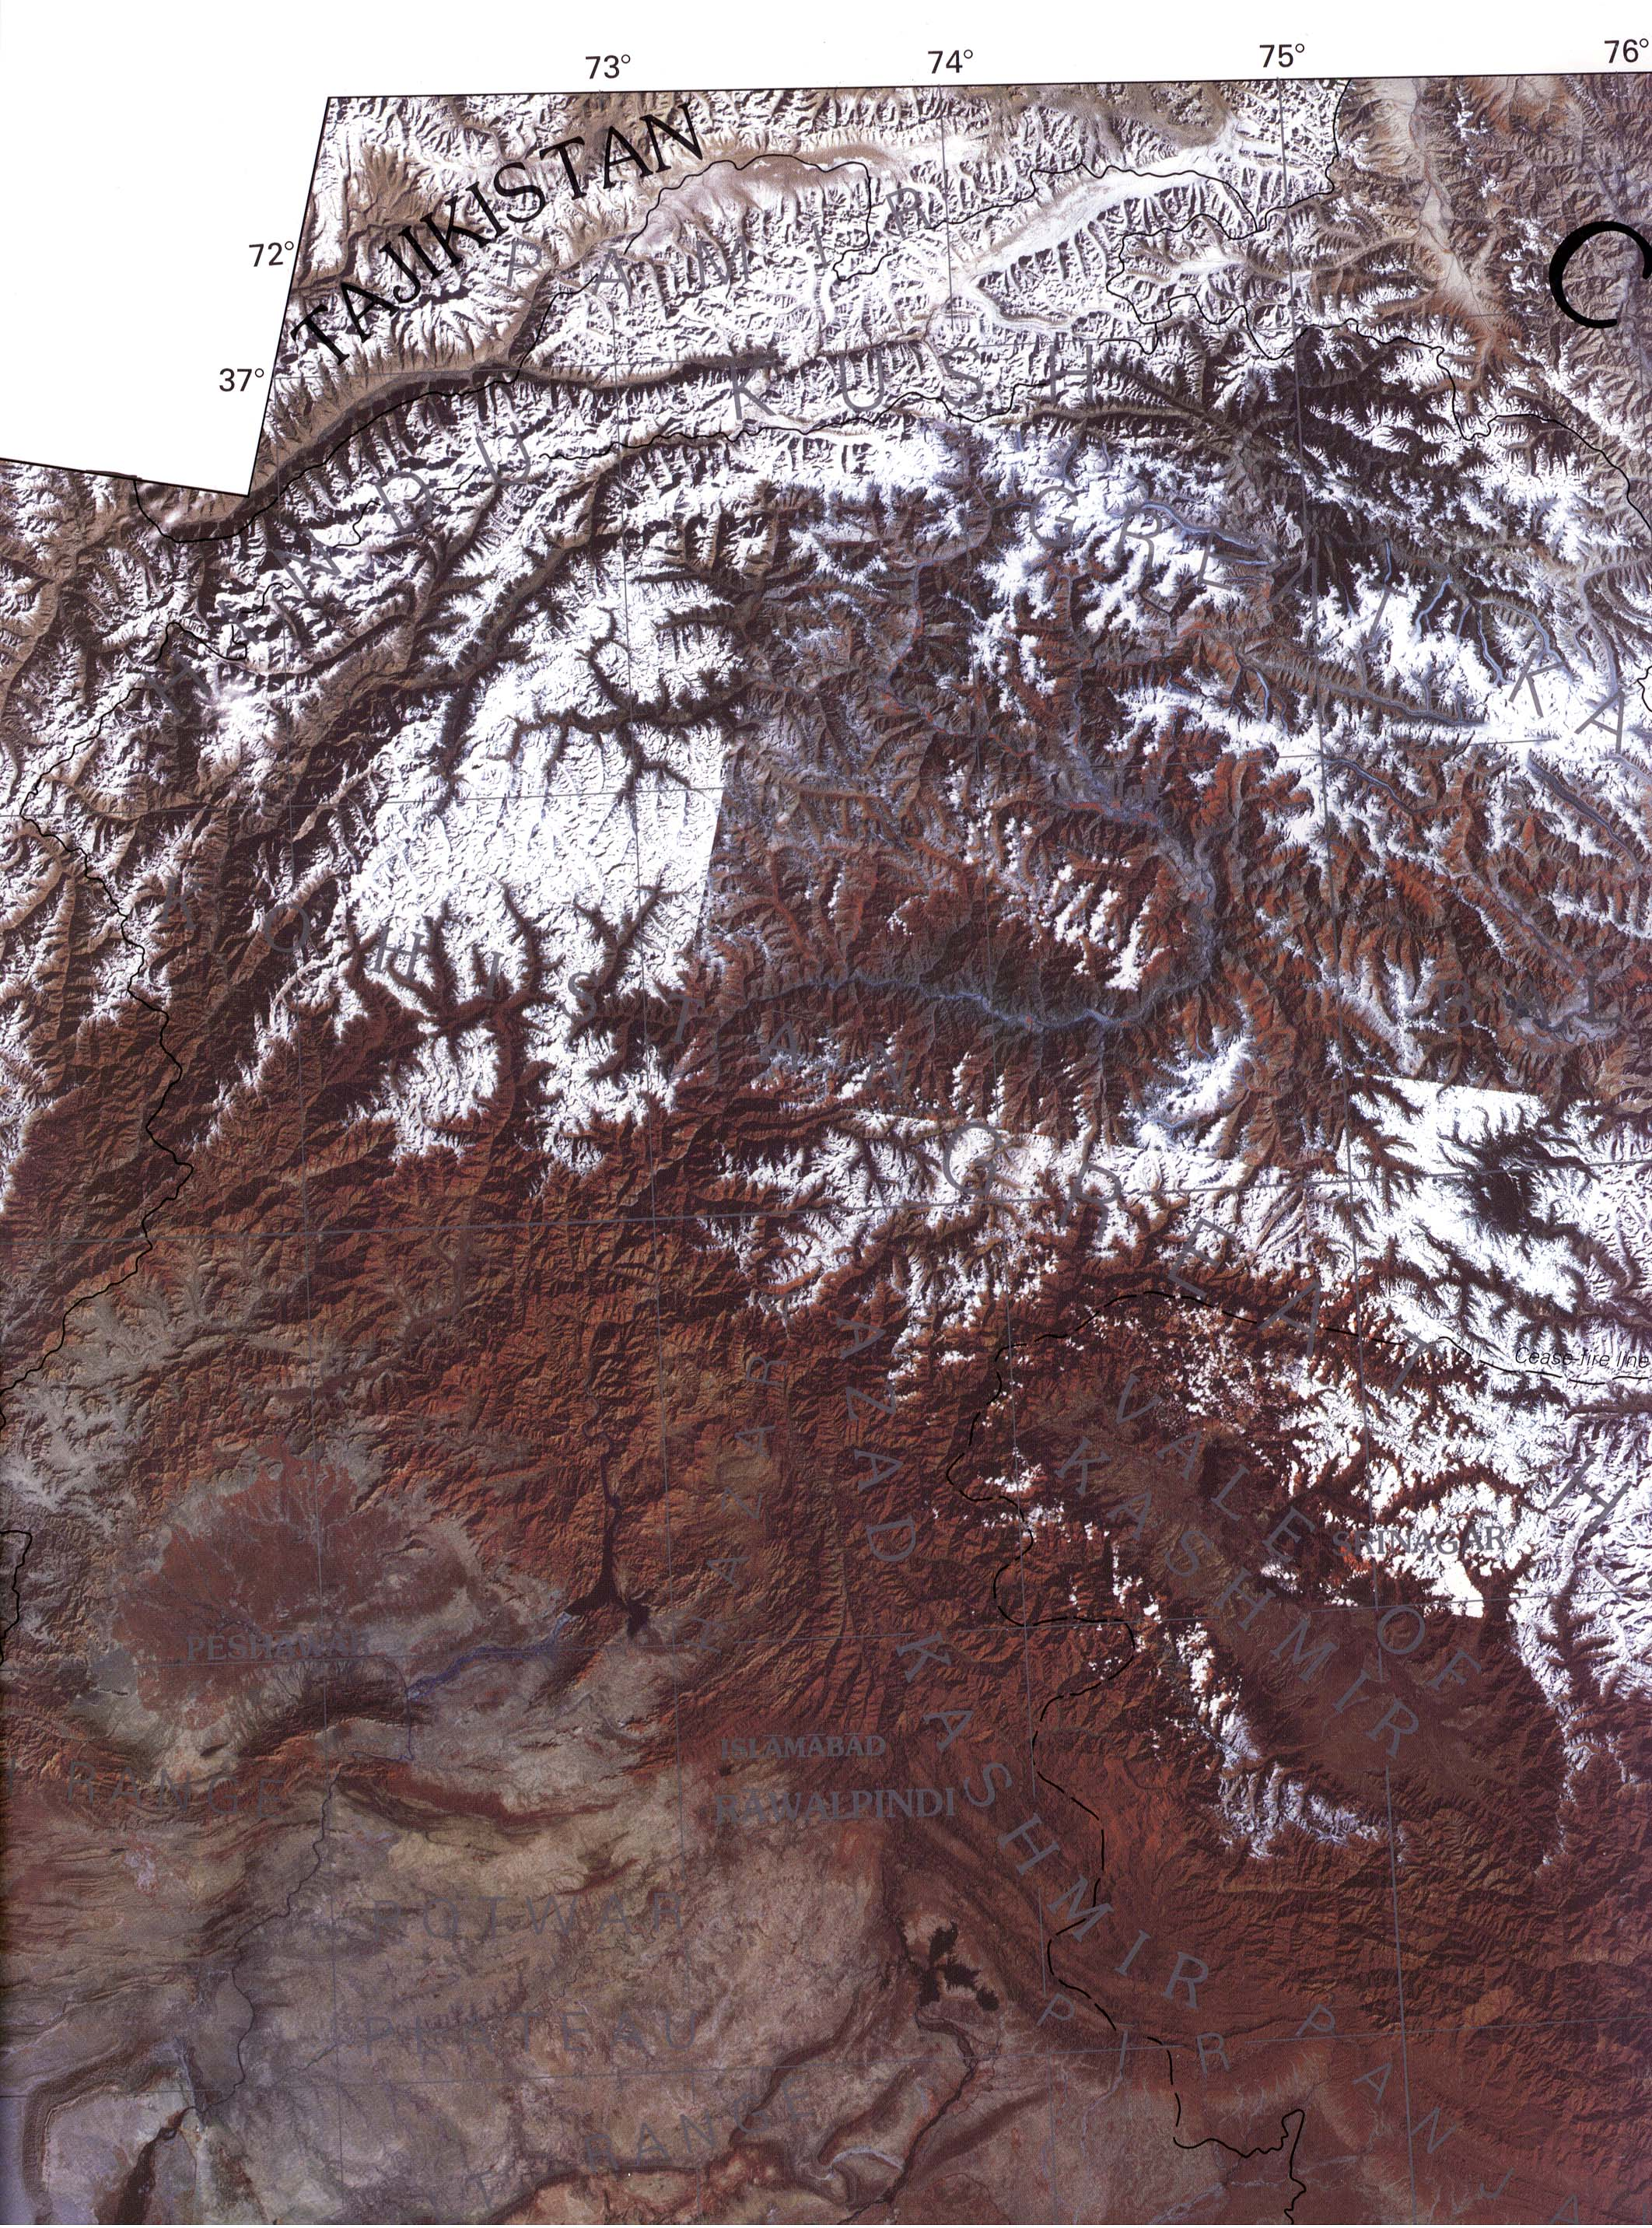 Foto, Imagen Satelite de la Sección Occidental de Cachemira y de los Territorios del Norte (Pakistán) 1997